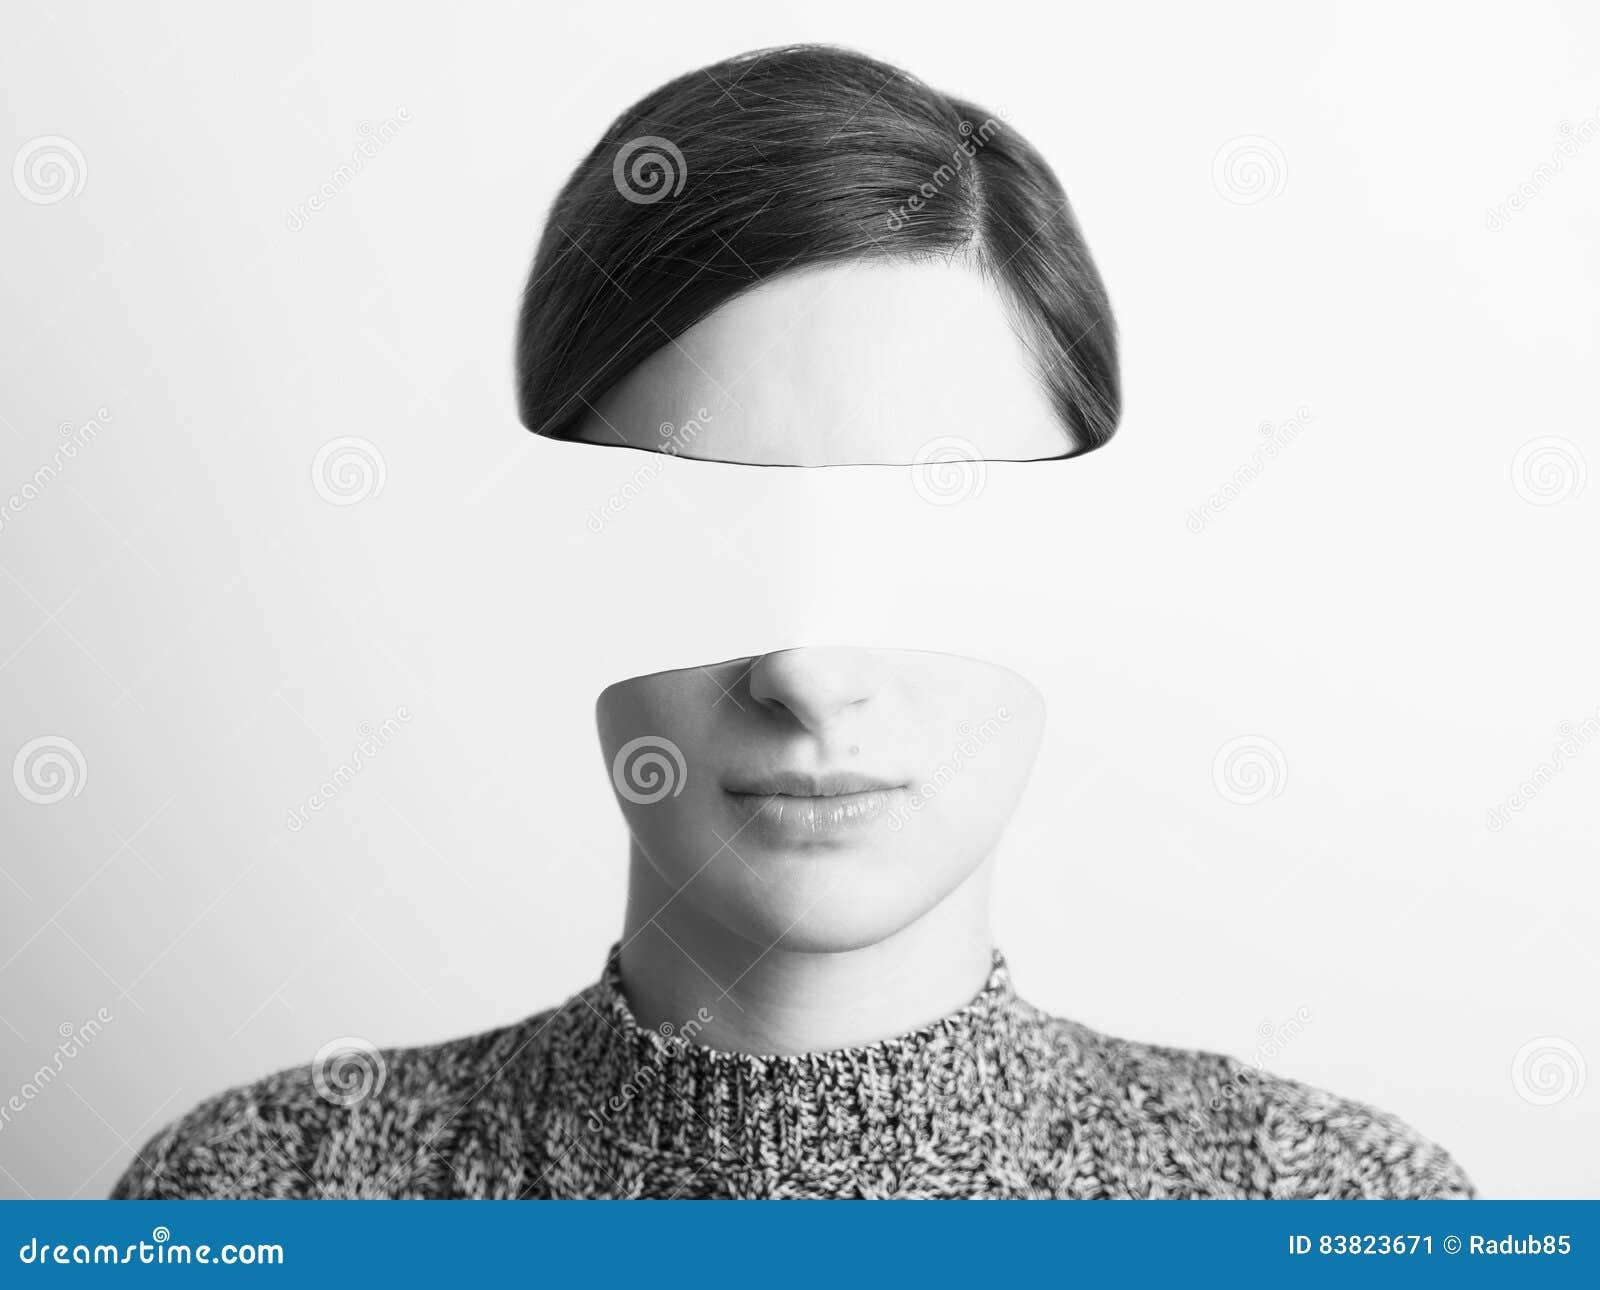 Retrato abstrato preto e branco da mulher do roubo de identidade